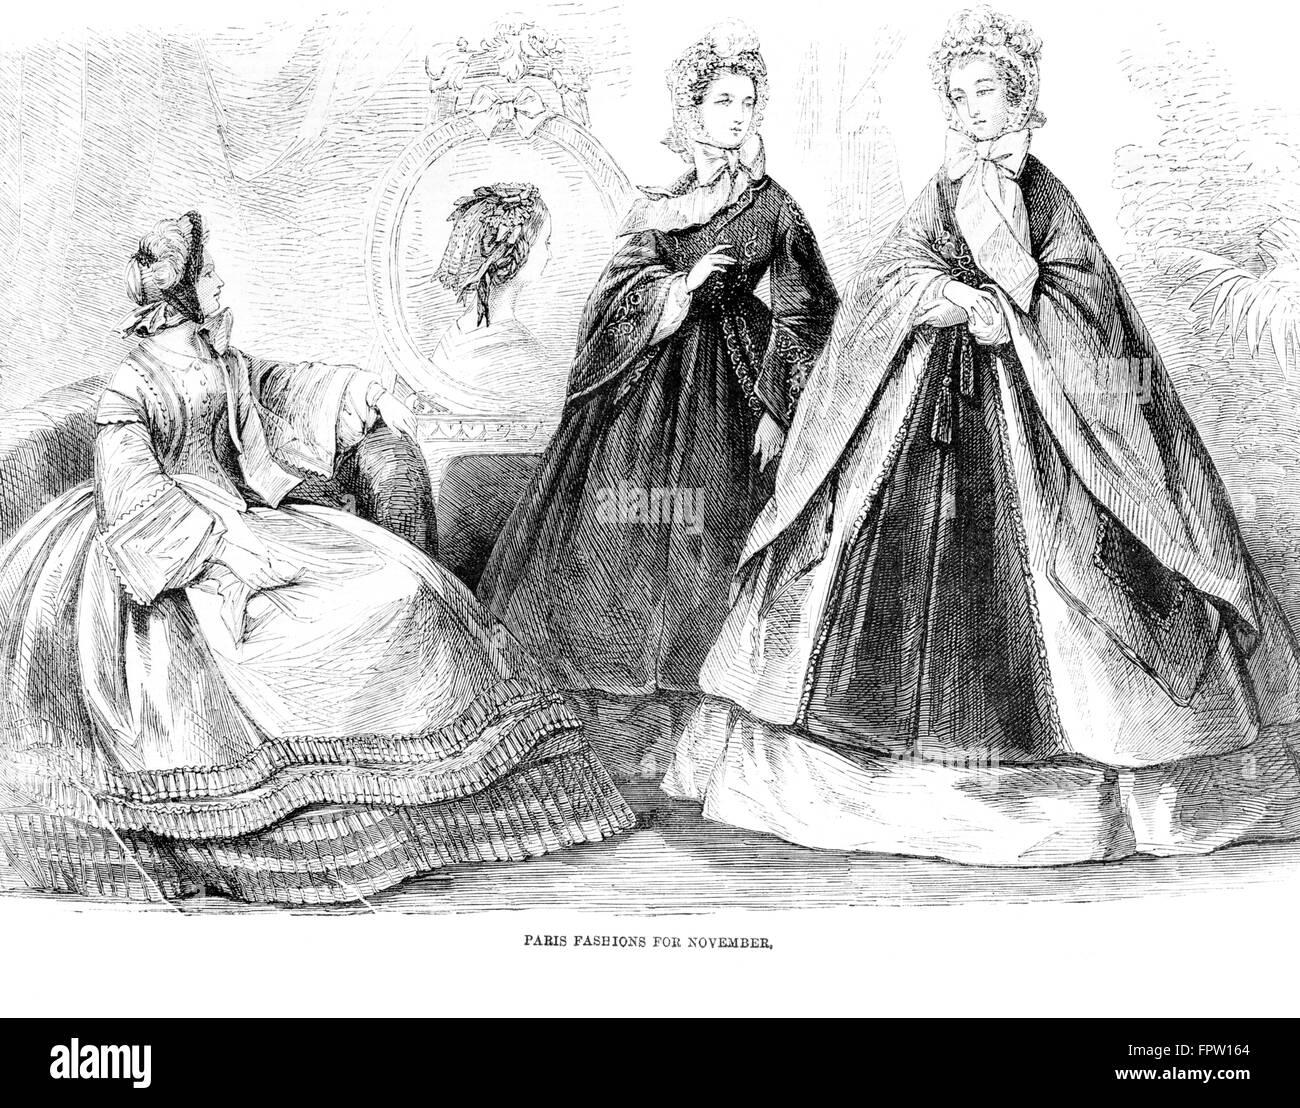 1860er Jahre Mode Der Tag Abbildung 1861 3 Frauen Modelle Lange Kleider Reifrock Reifrock Cape Hut Antebellum Stil Kleidung Stockfotografie Alamy